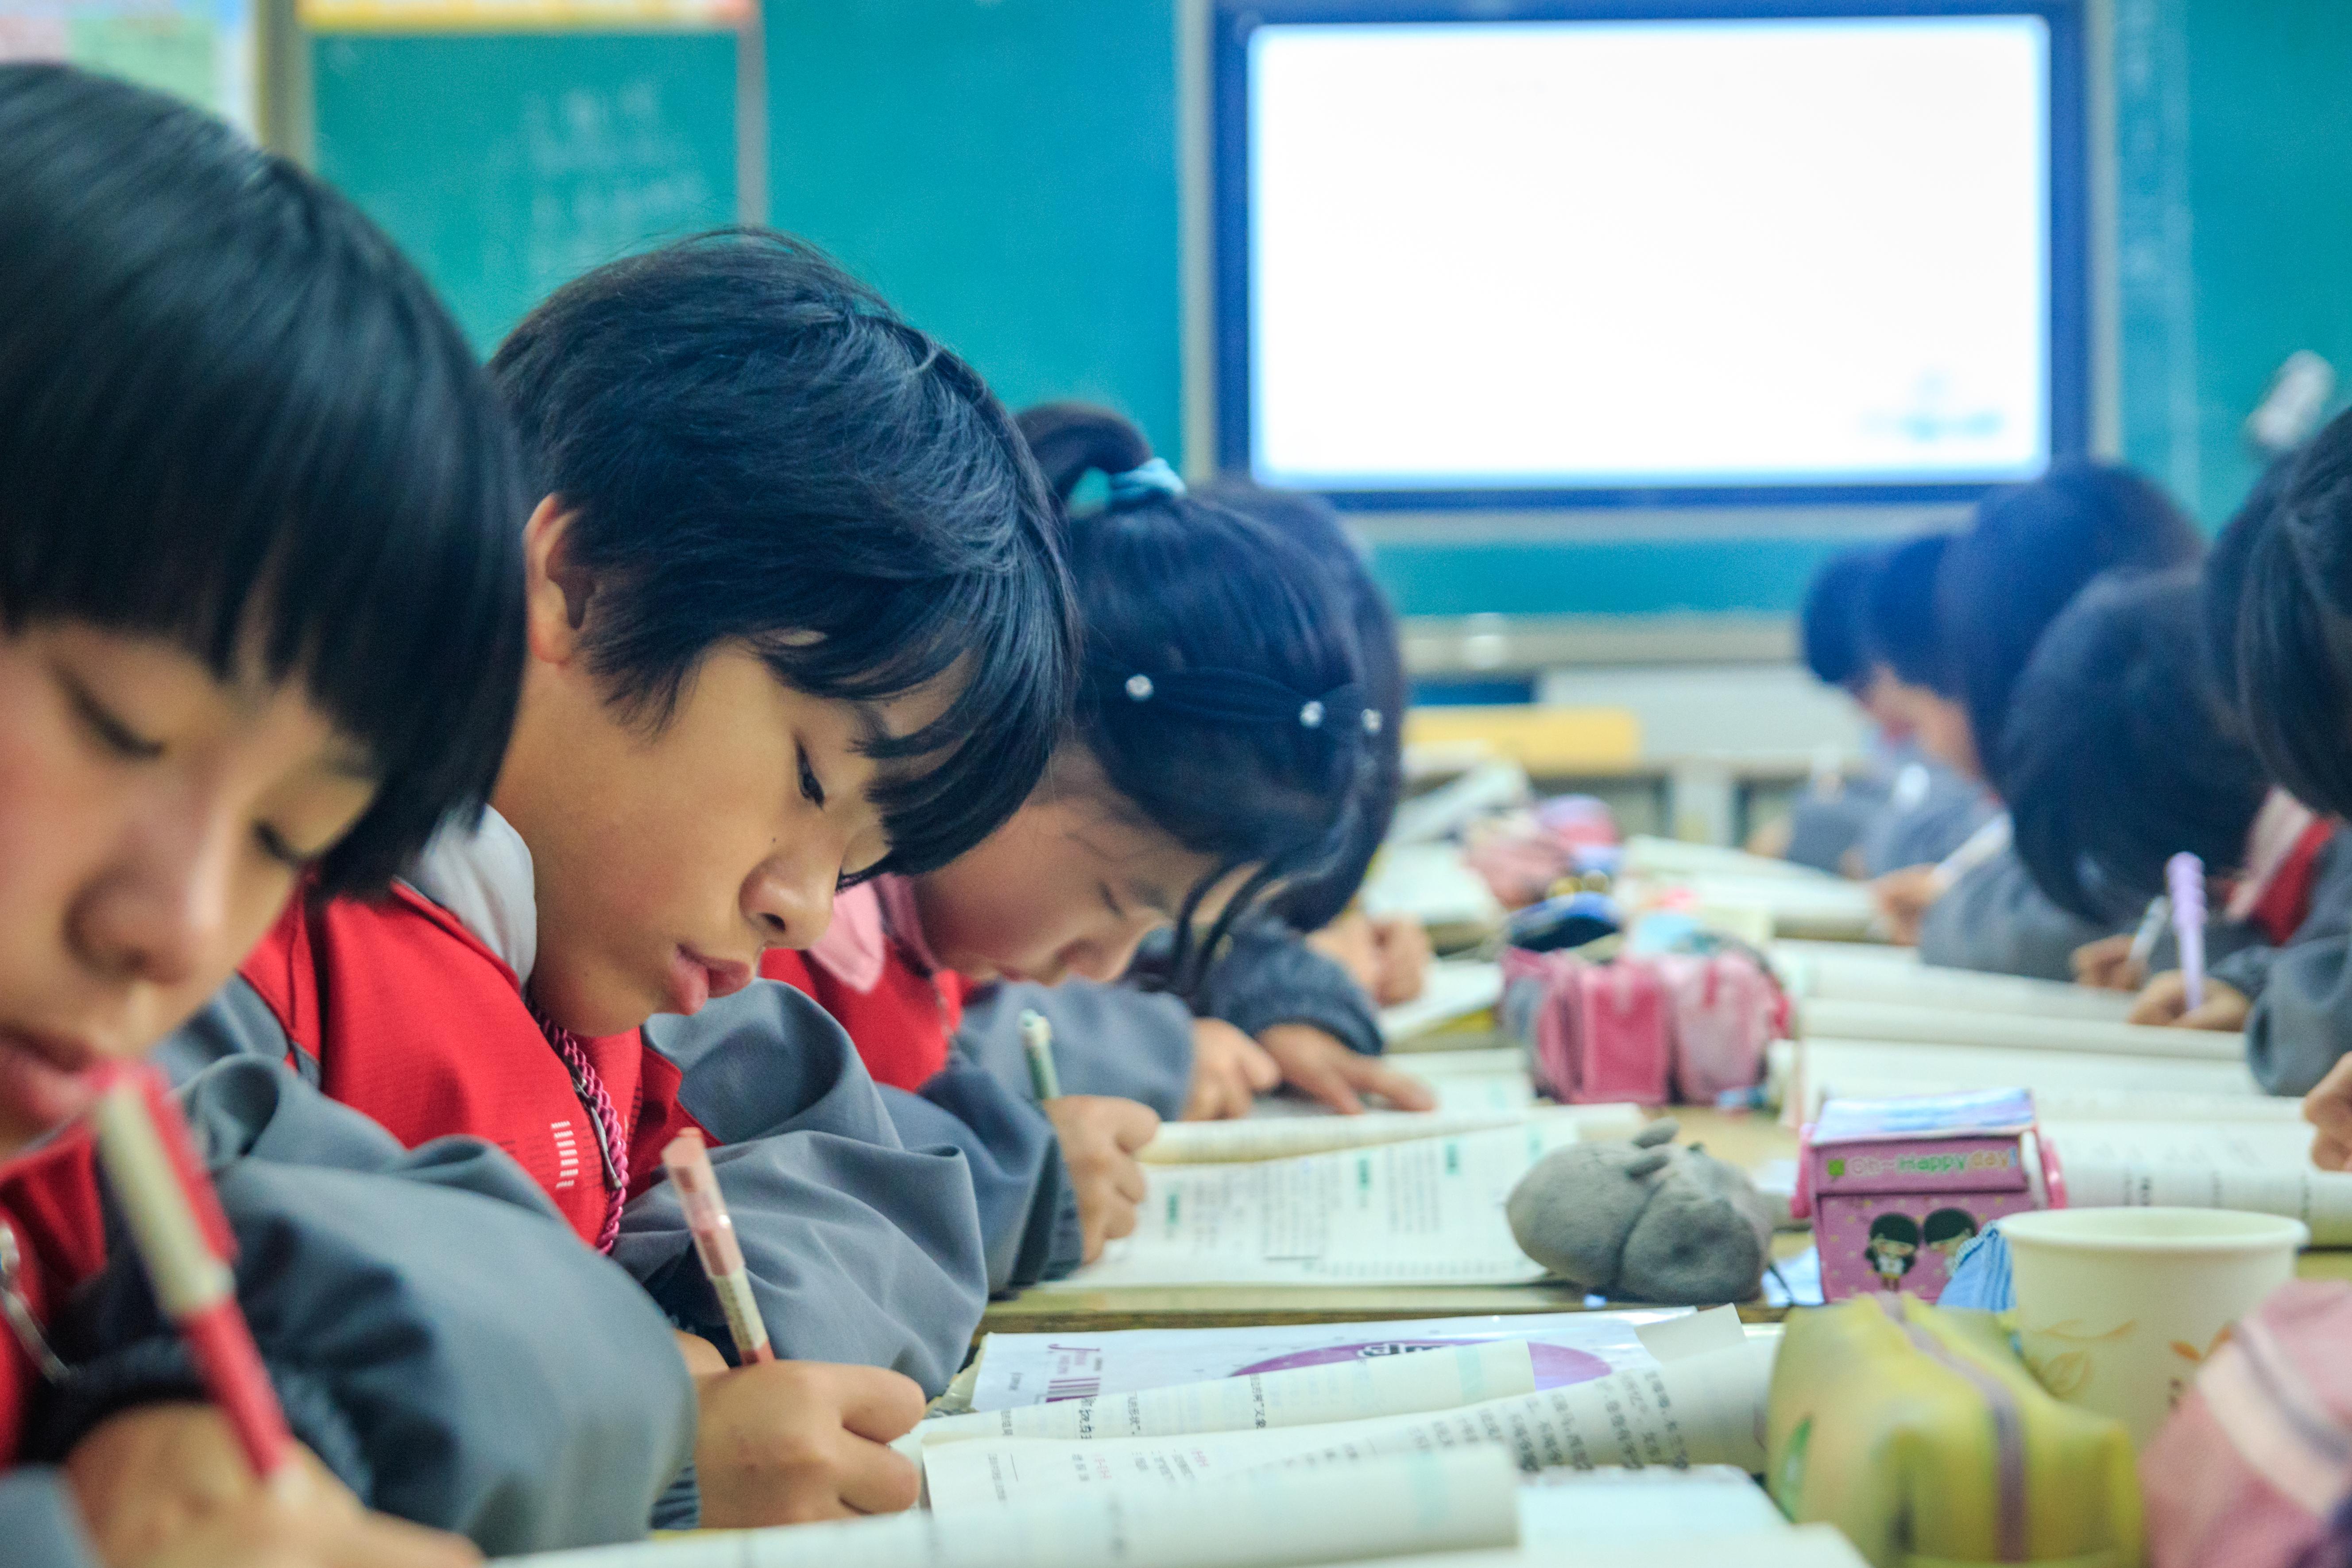 作者認為,學生的學習生活不能局限於知識與技能。(Shutterstock)